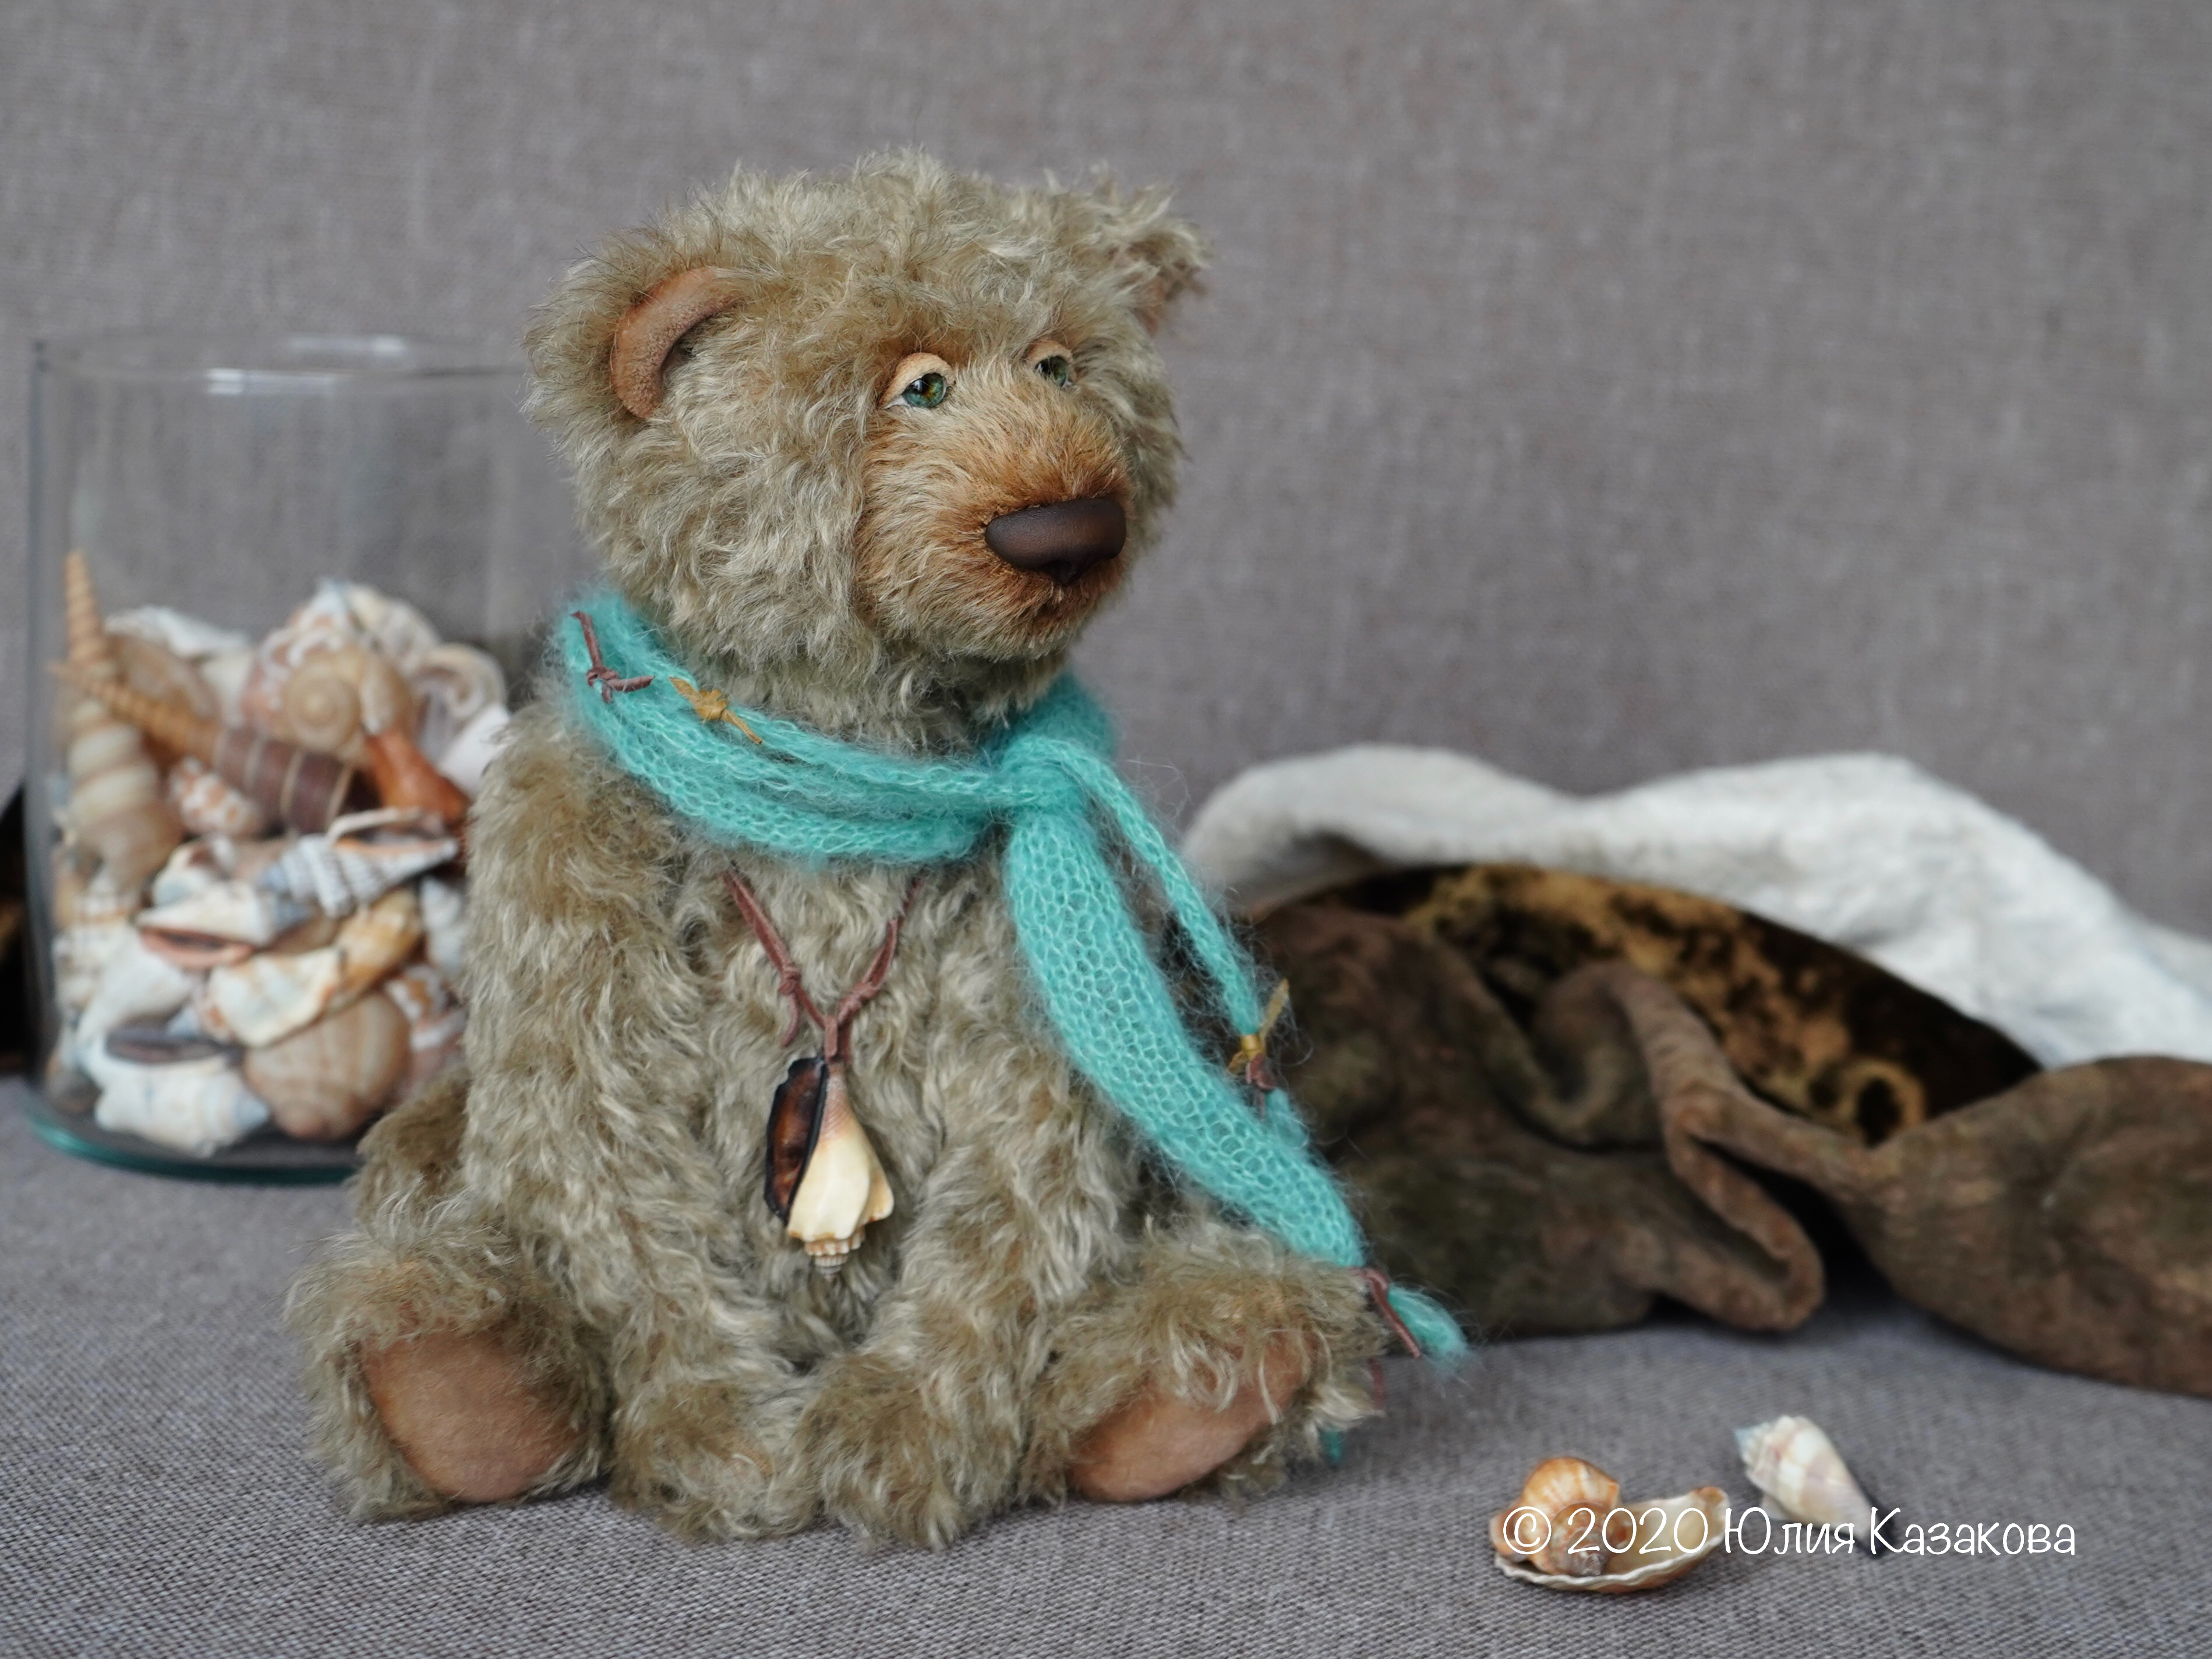 Teddy-bear Denny